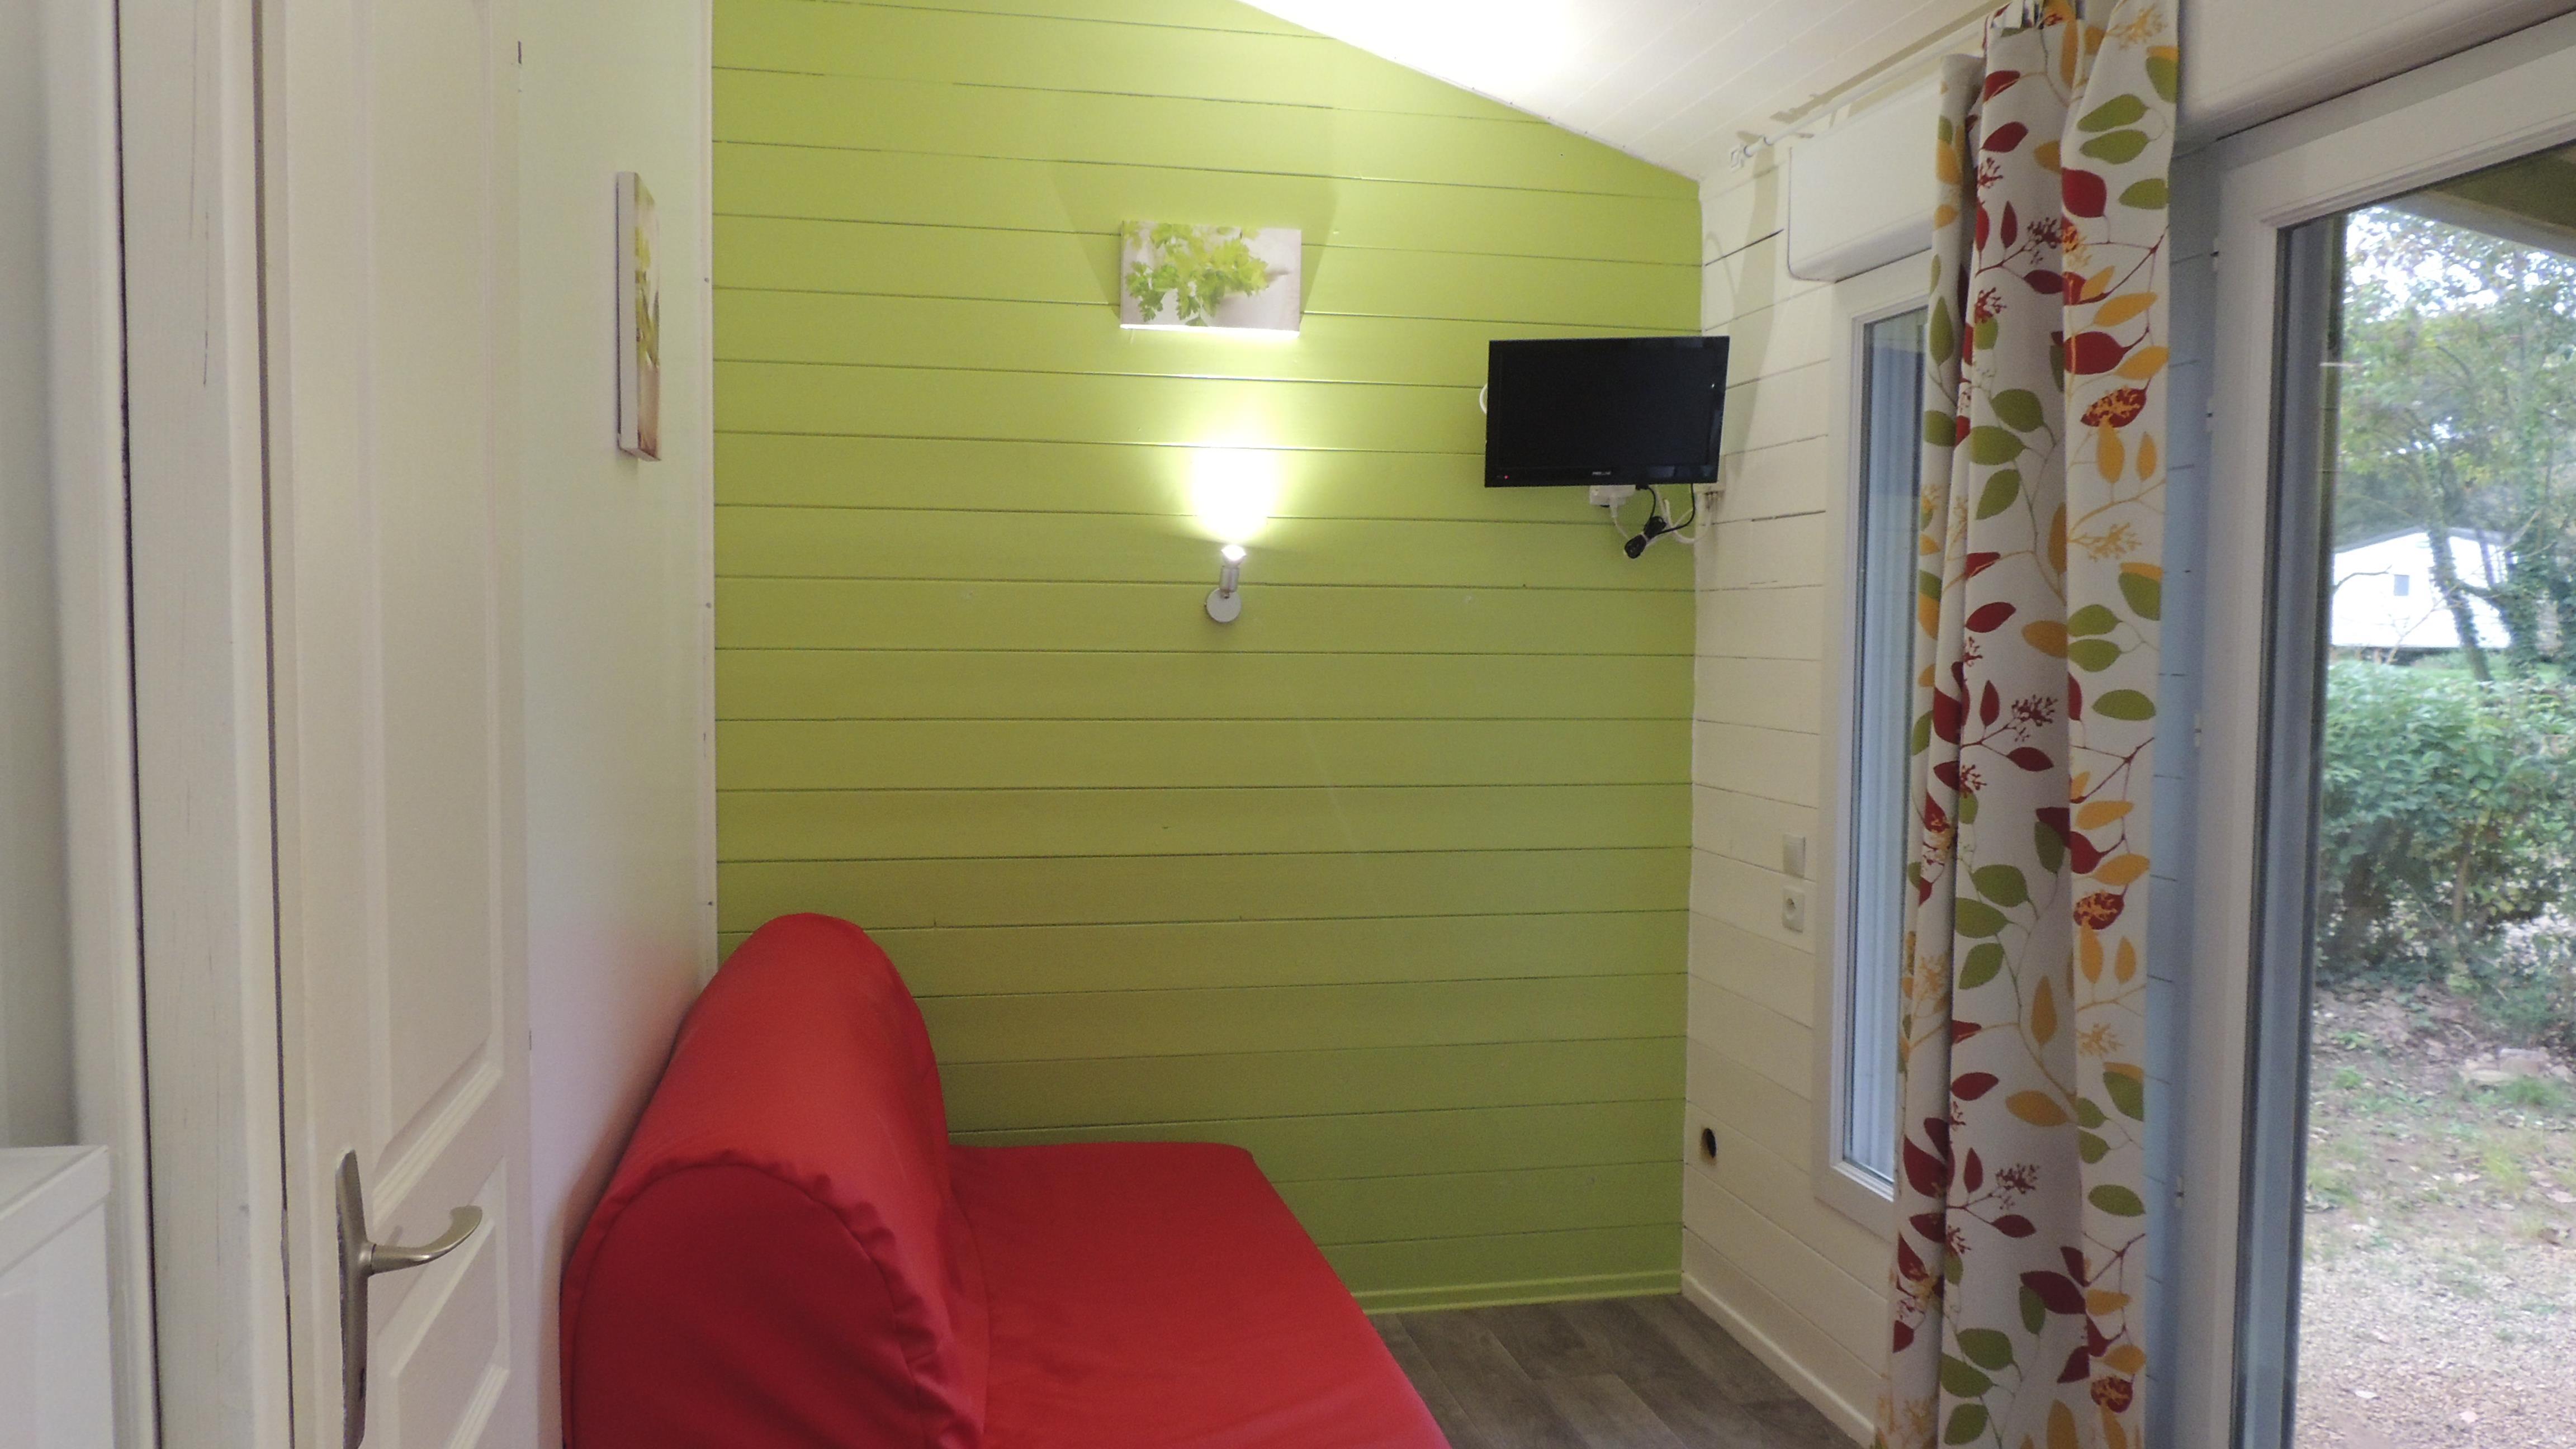 Location - Chalet Grand Confort + 27M² Climatisé (2 Chambres)/ Lave Vaisselle / Tv  Incluse / Climatisation- Terrasse Couverte 15M² - Flower Camping Domaine de Gajan